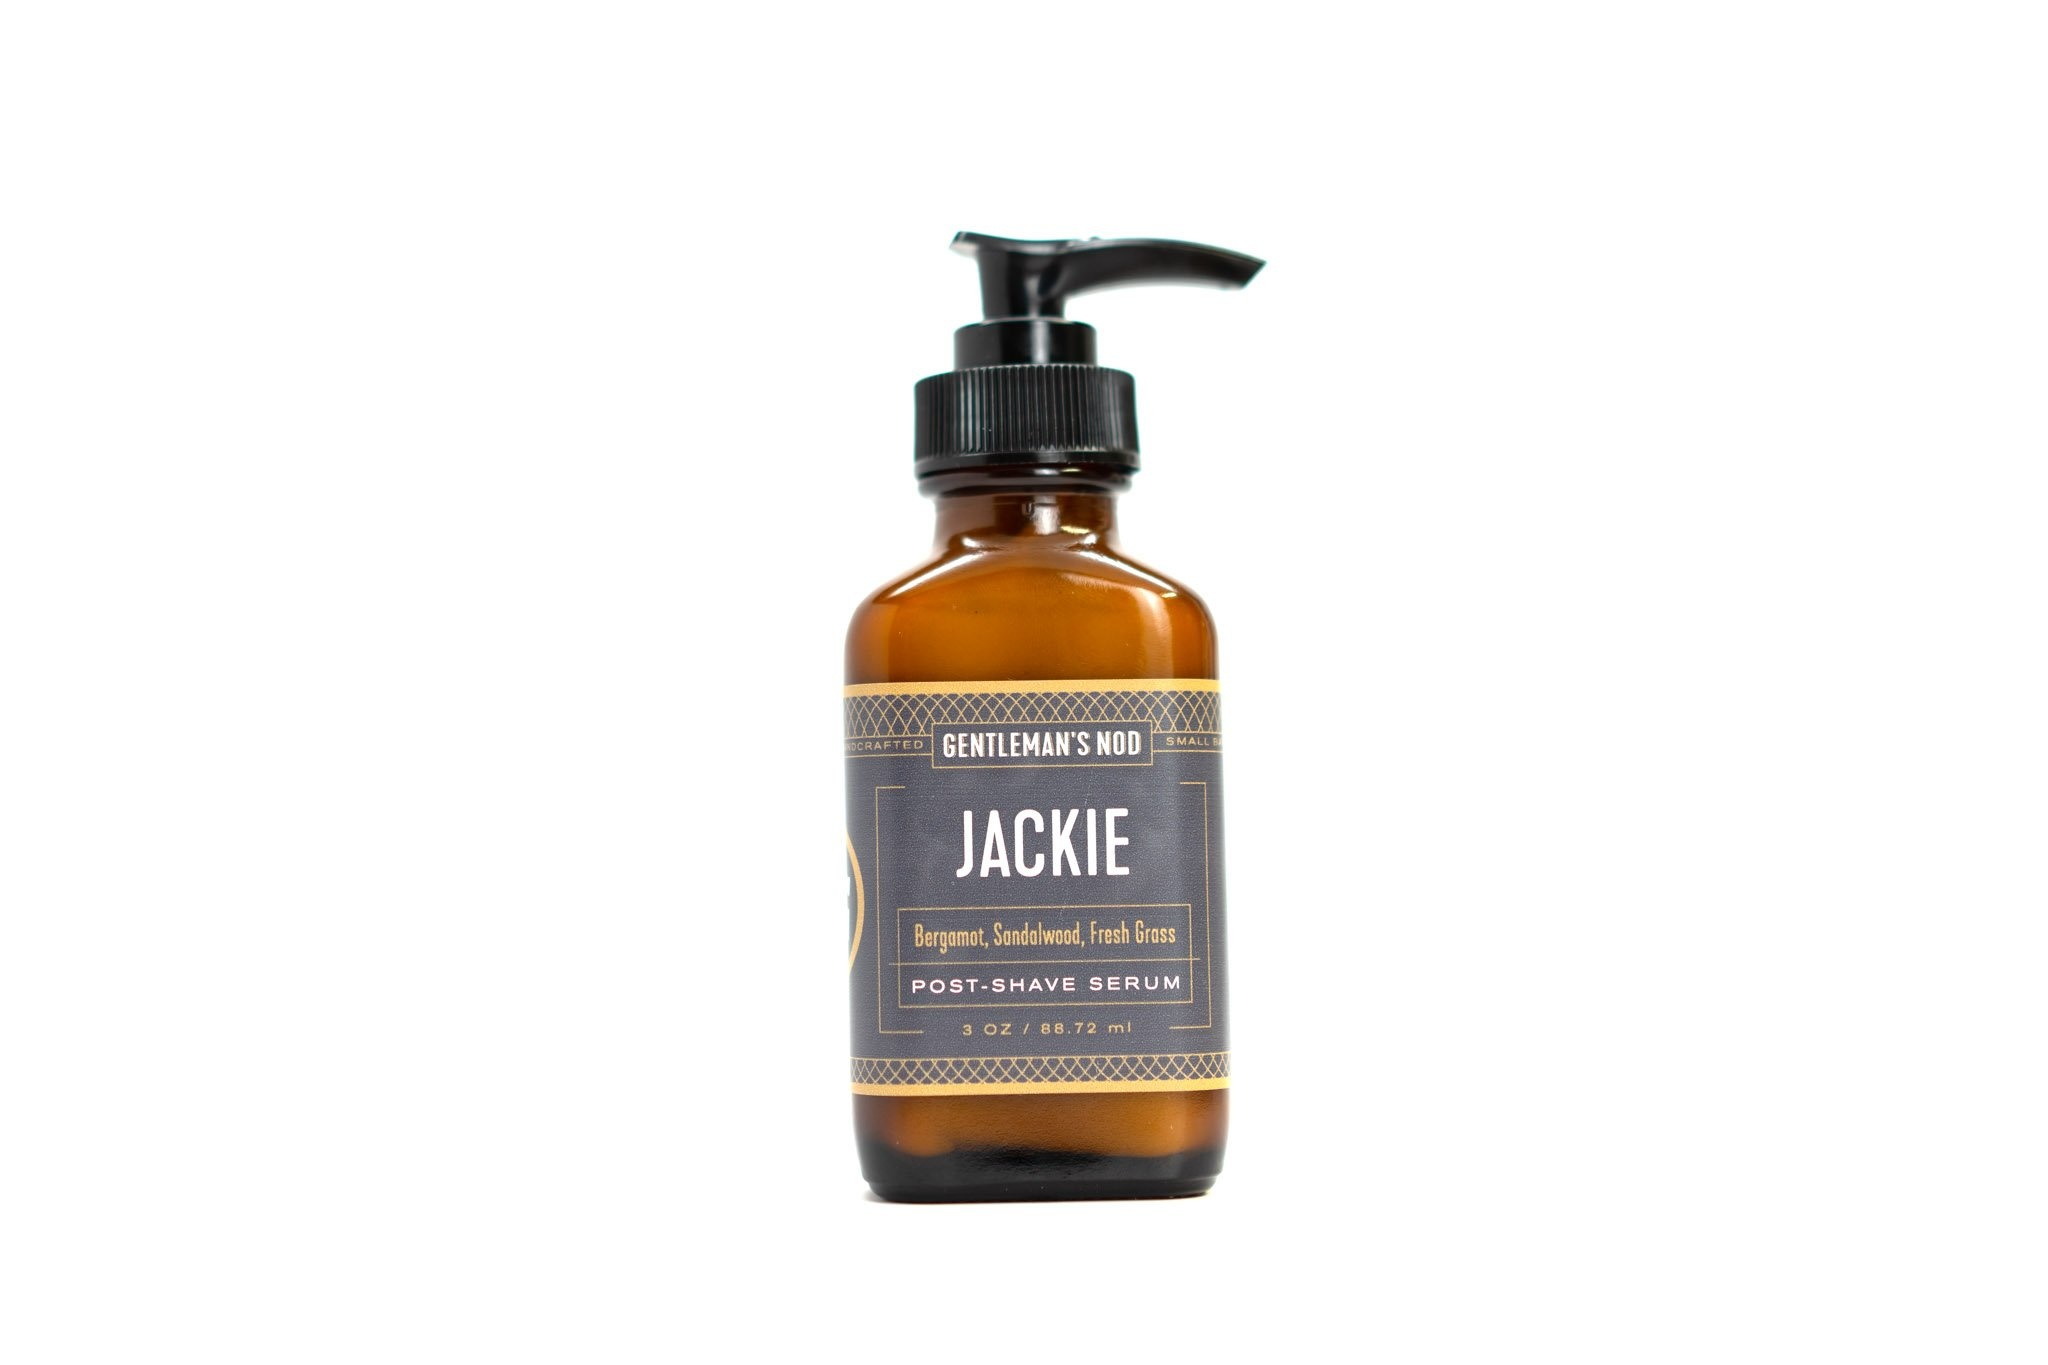 Gentleman's Nod Gentleman's Nod Post-Shave Serum - Jackie 42